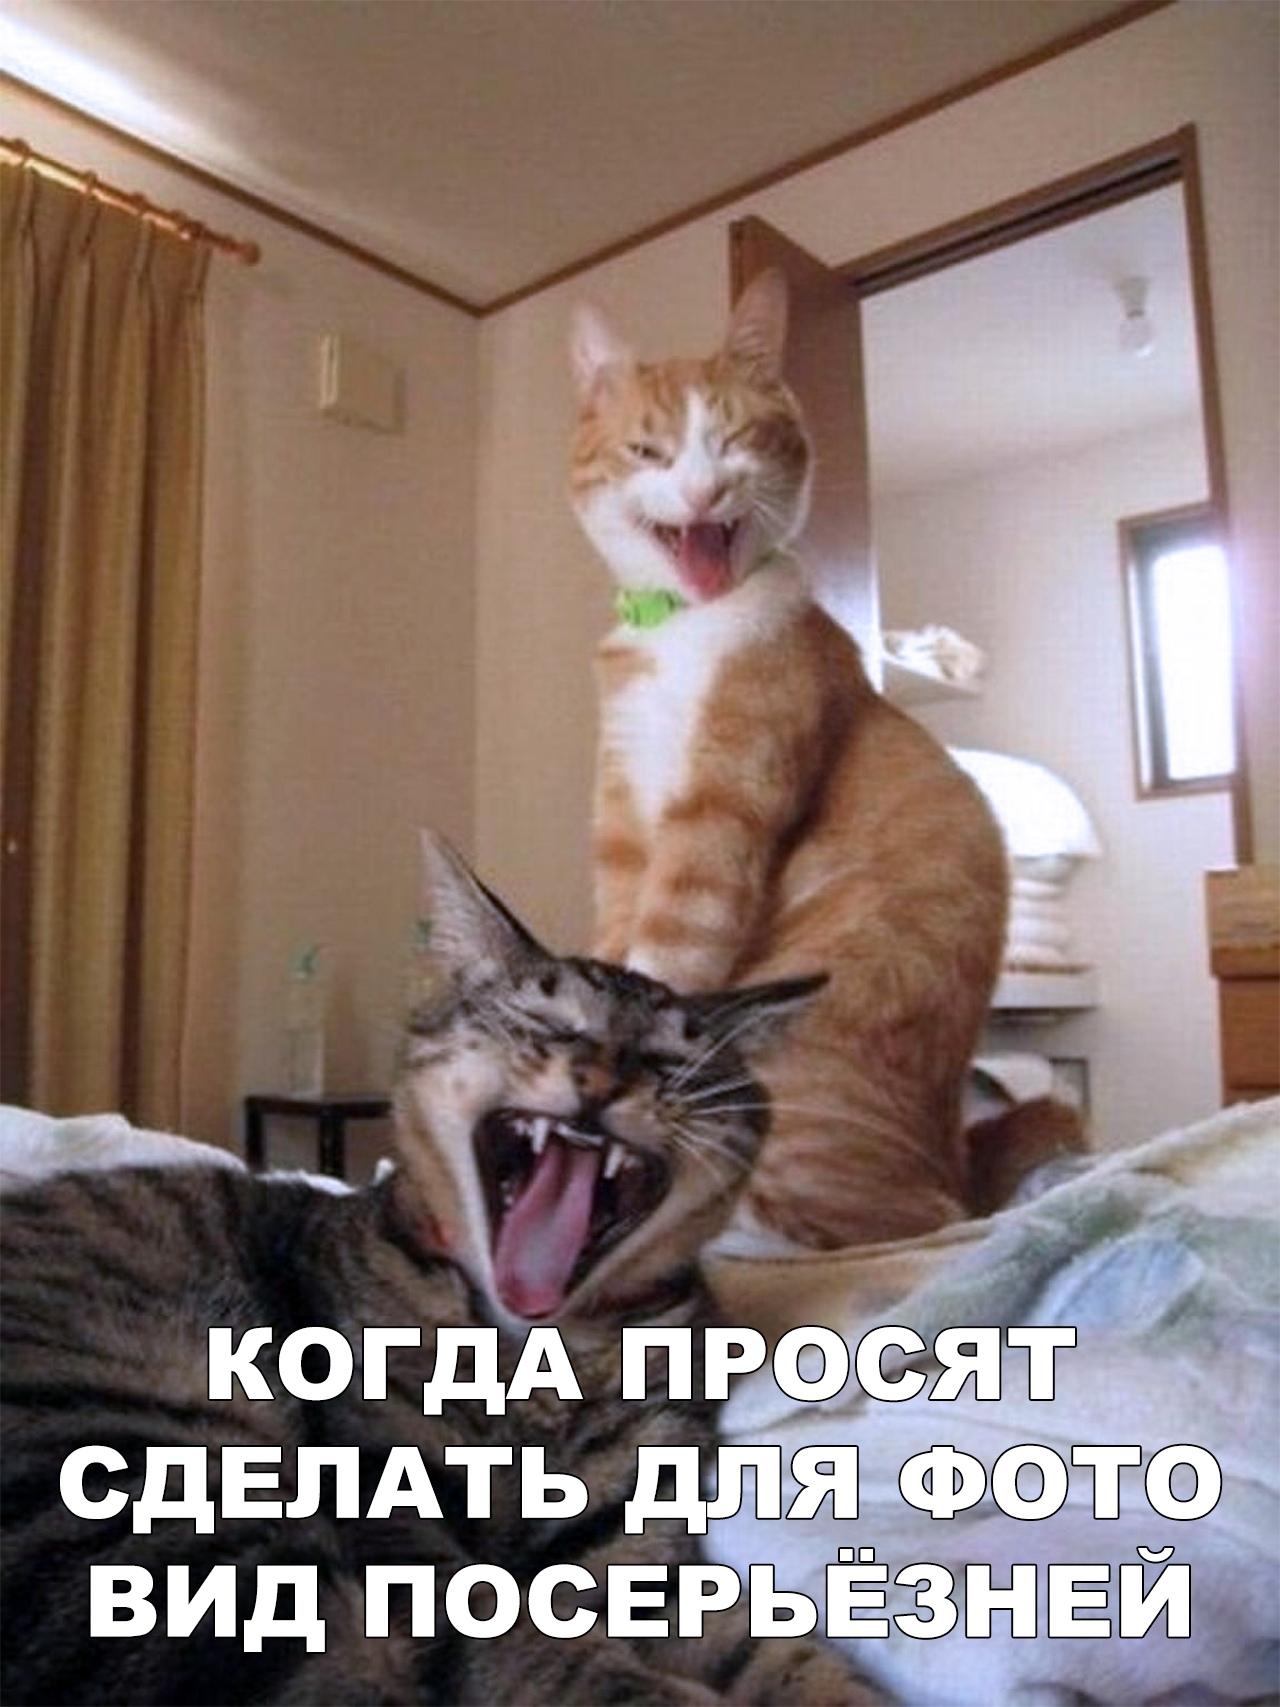 Самые смешные и забавные картинки. часть 536 ( 81 фото )